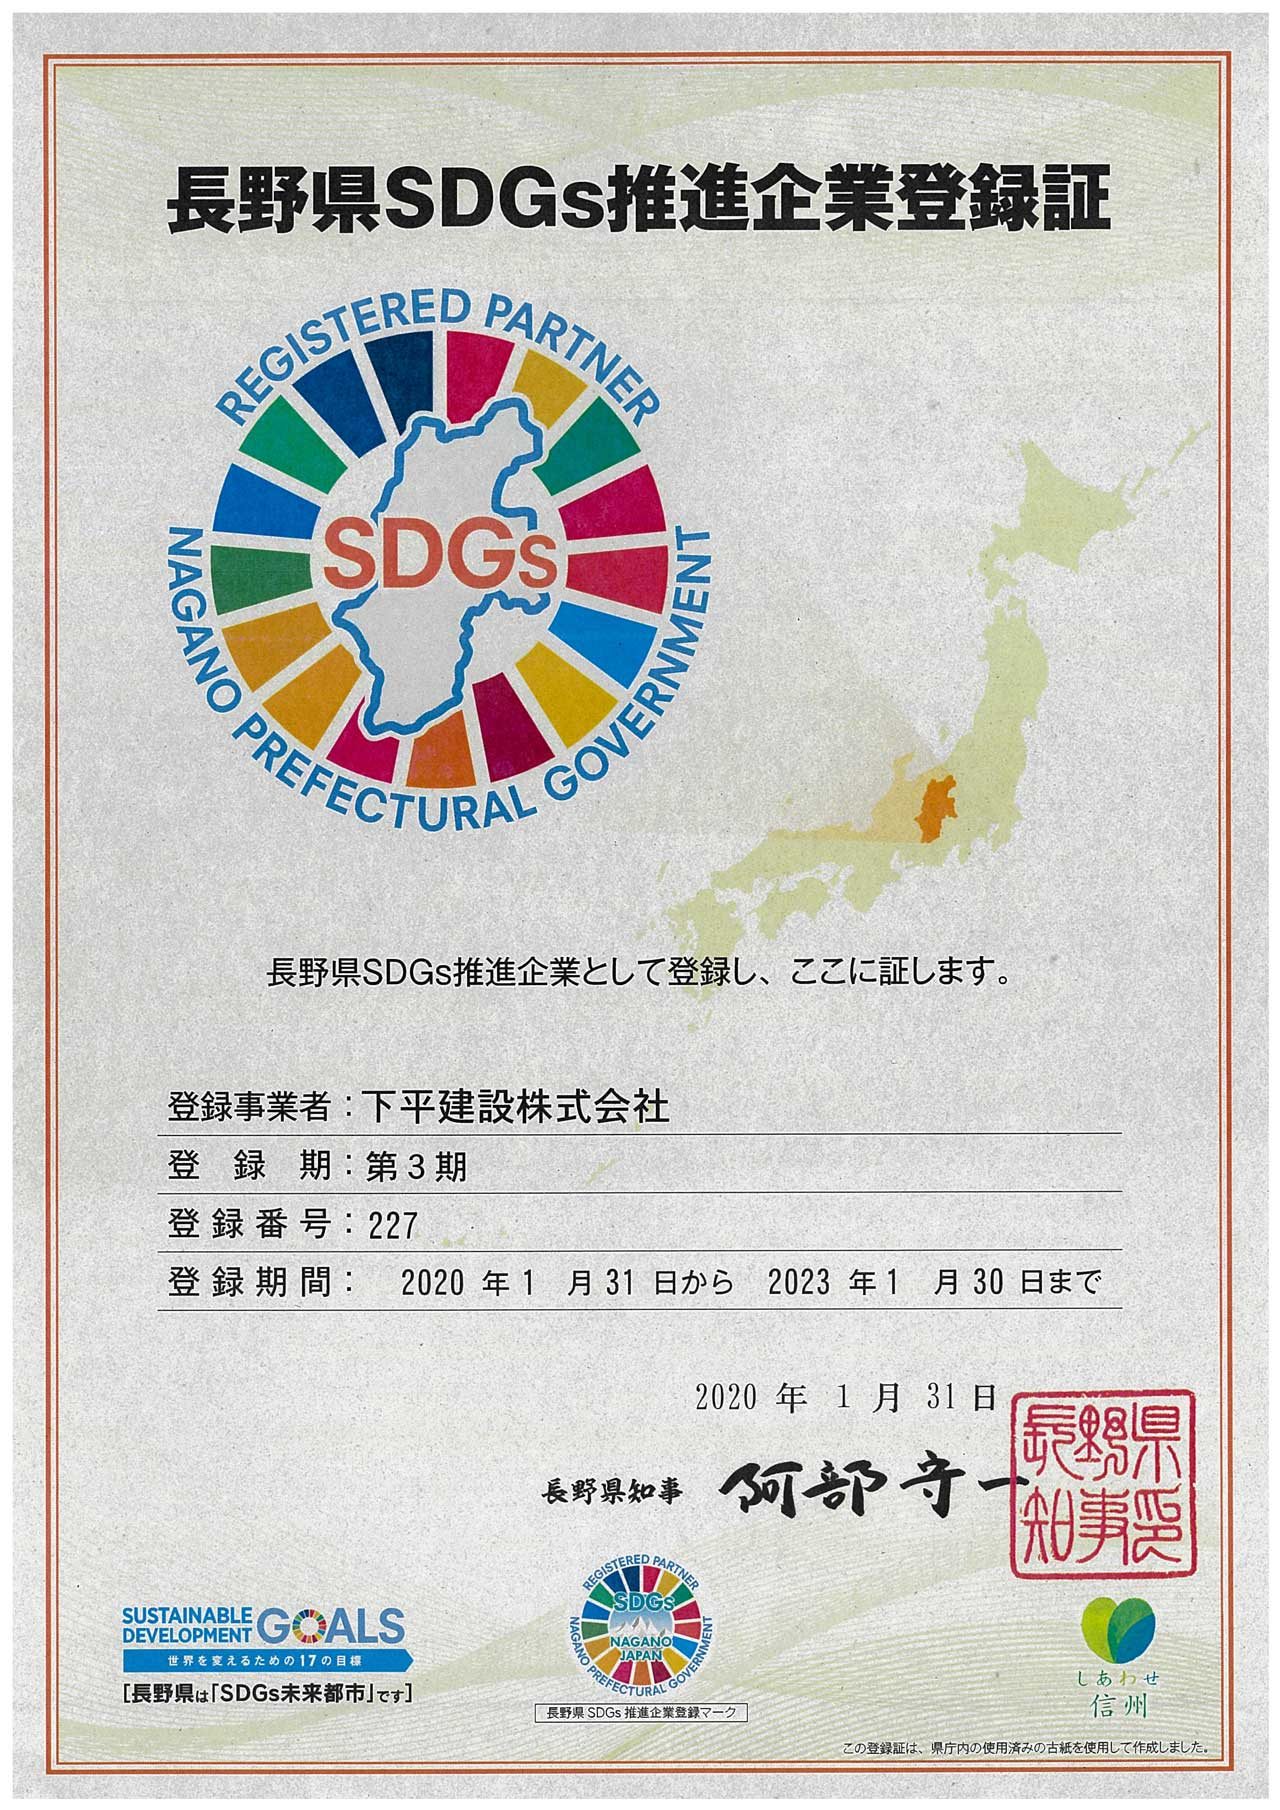 長野県SDGs推進企業登録証